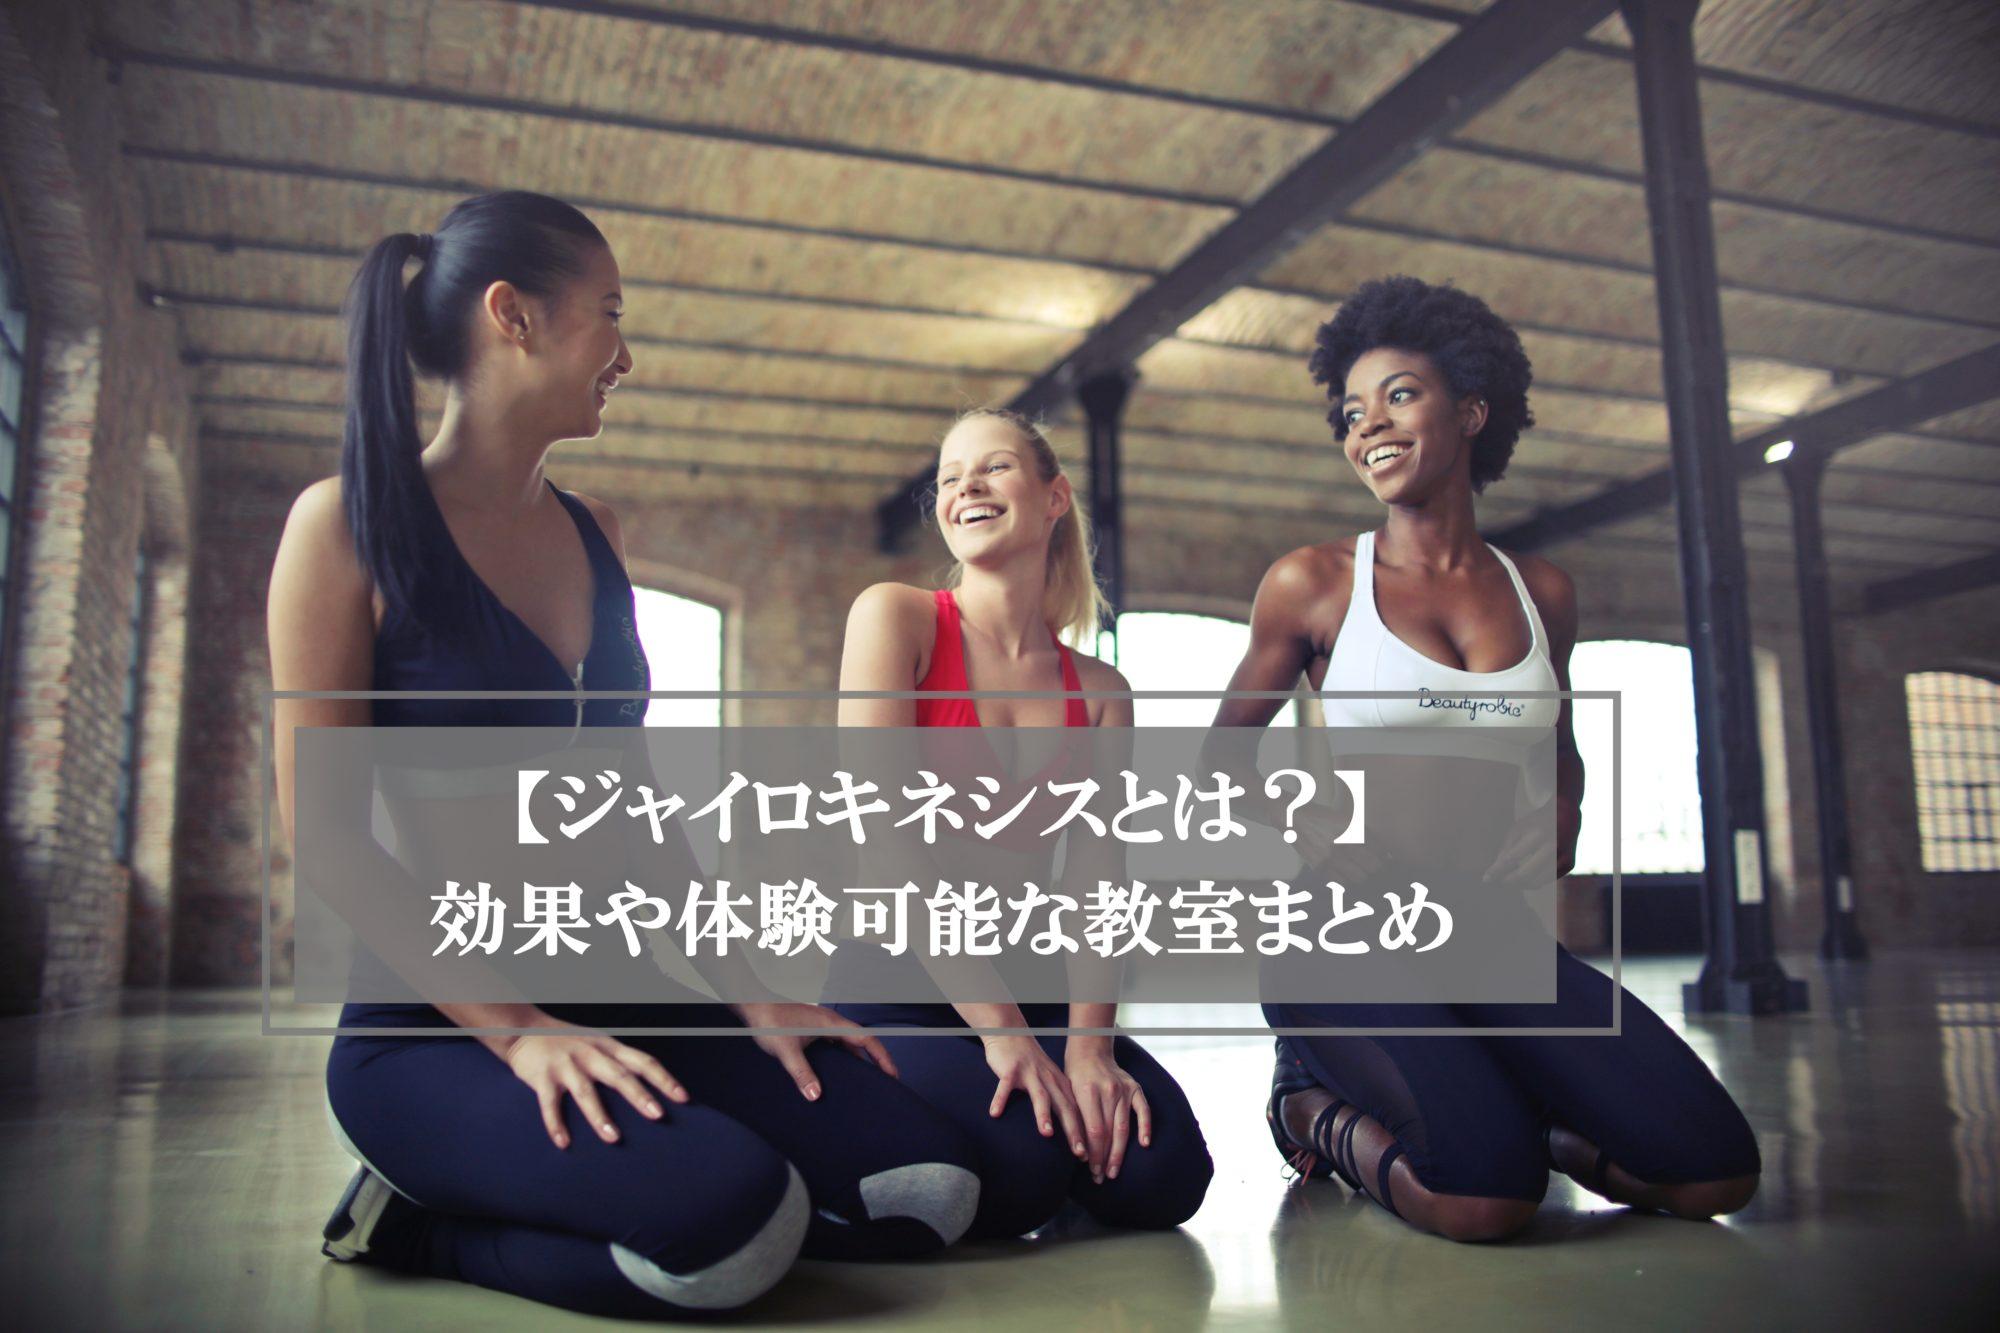 エクササイズ姿で談笑する女性3人